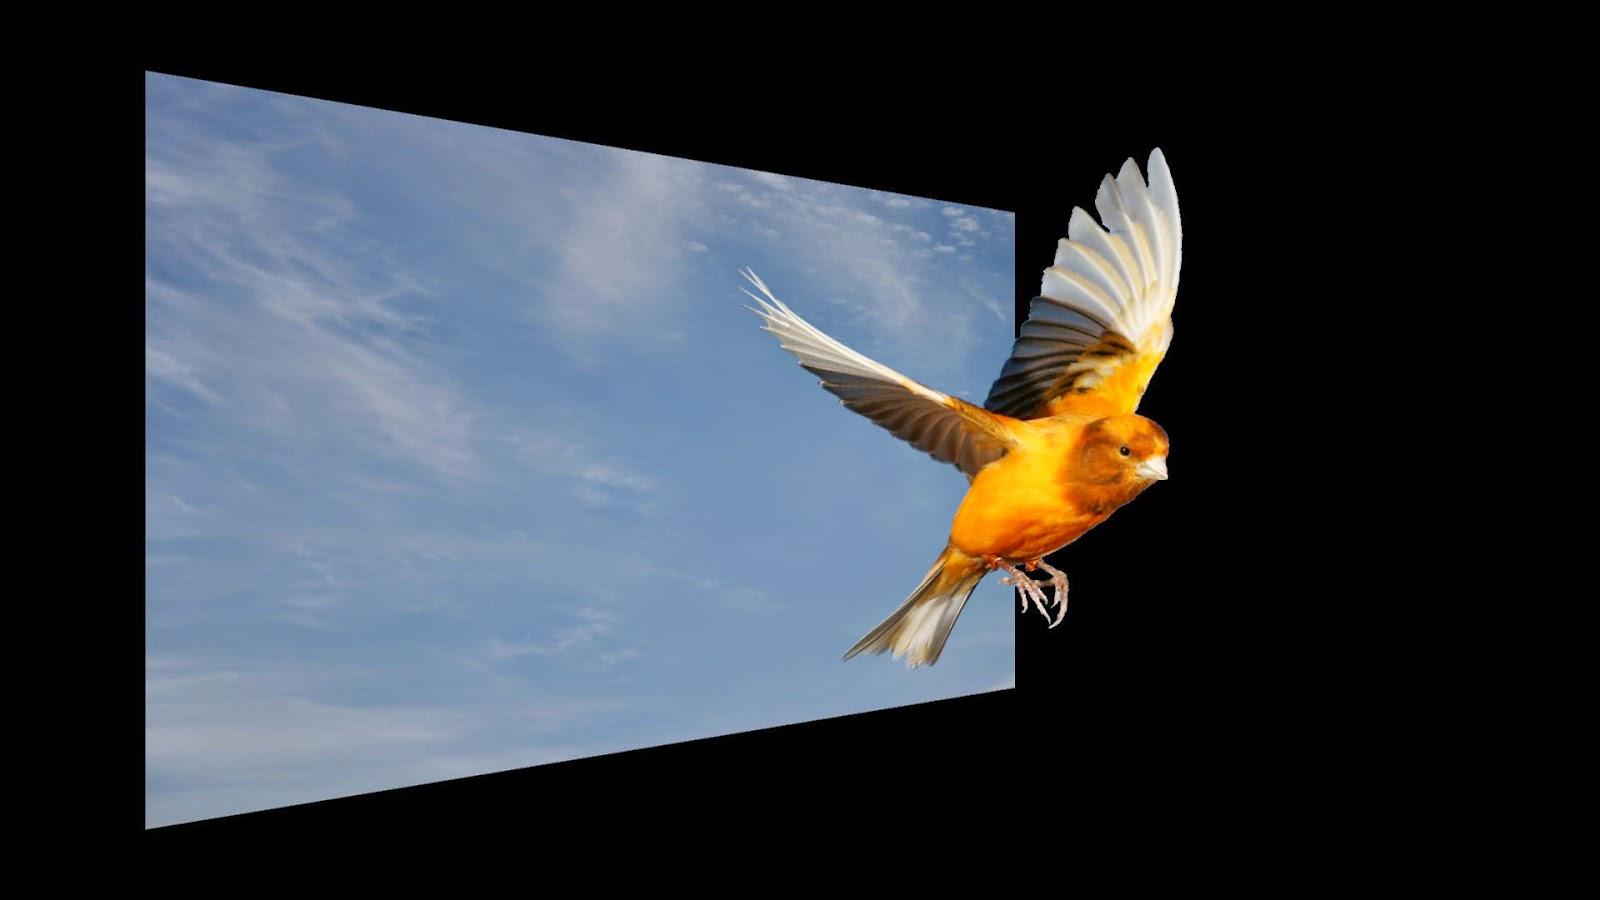 O Pássaro voando para alem do céu